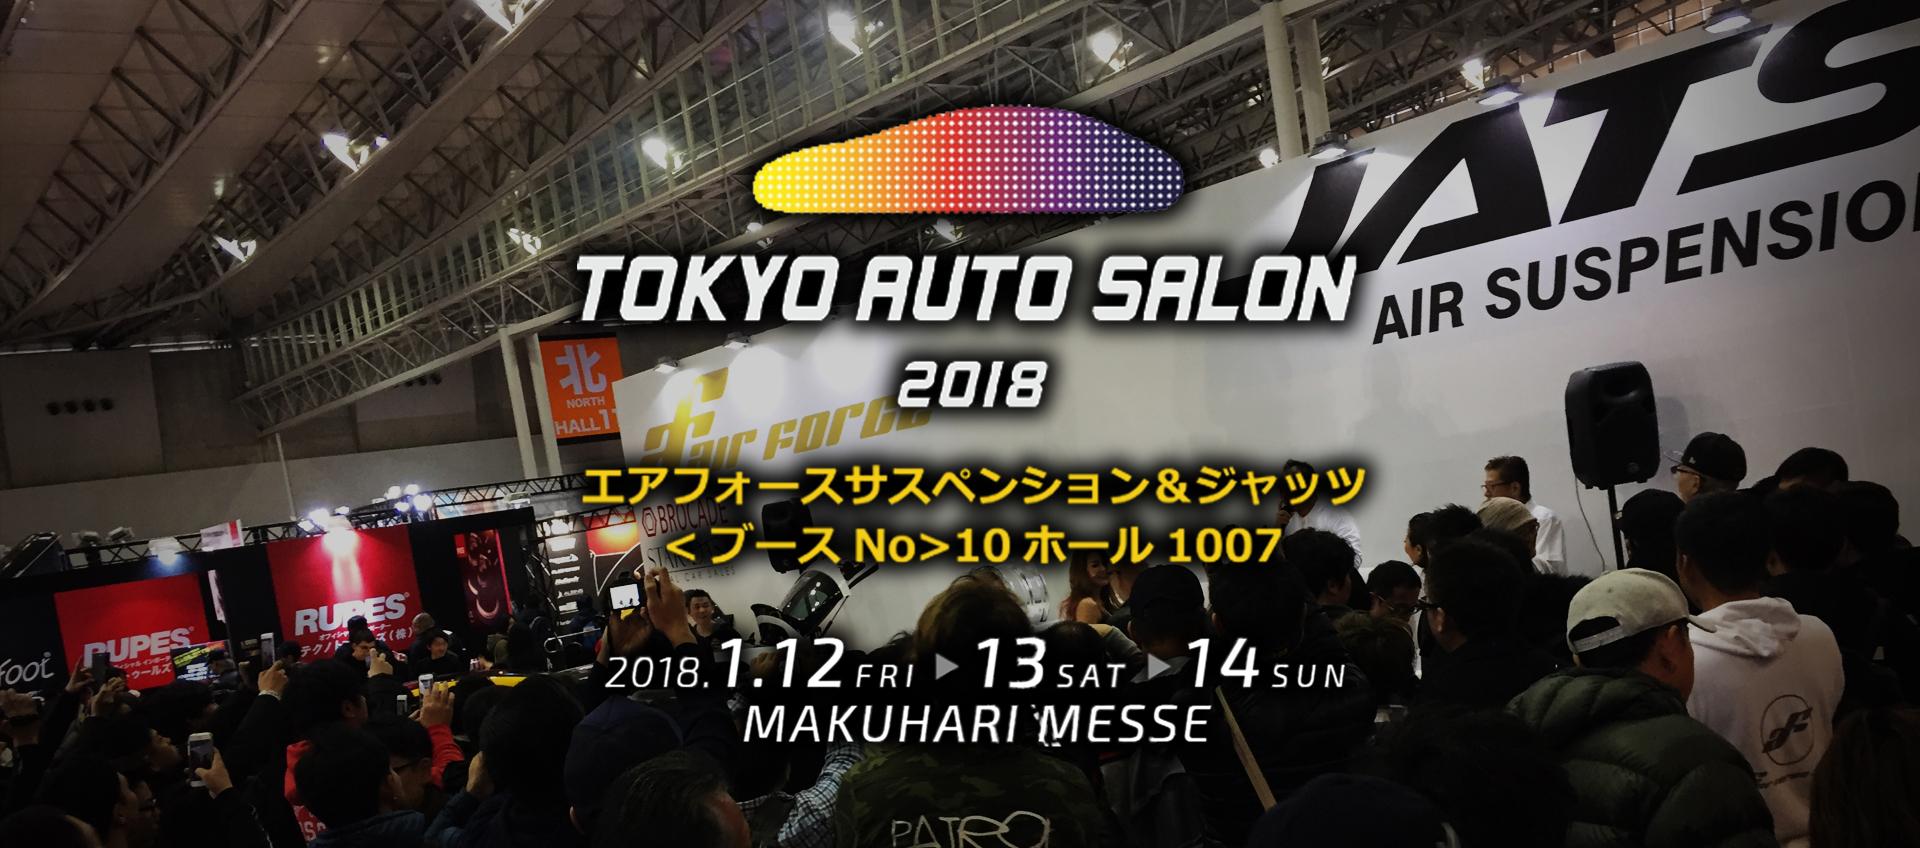 2018 airforce suspension japan for Salon auto 2018